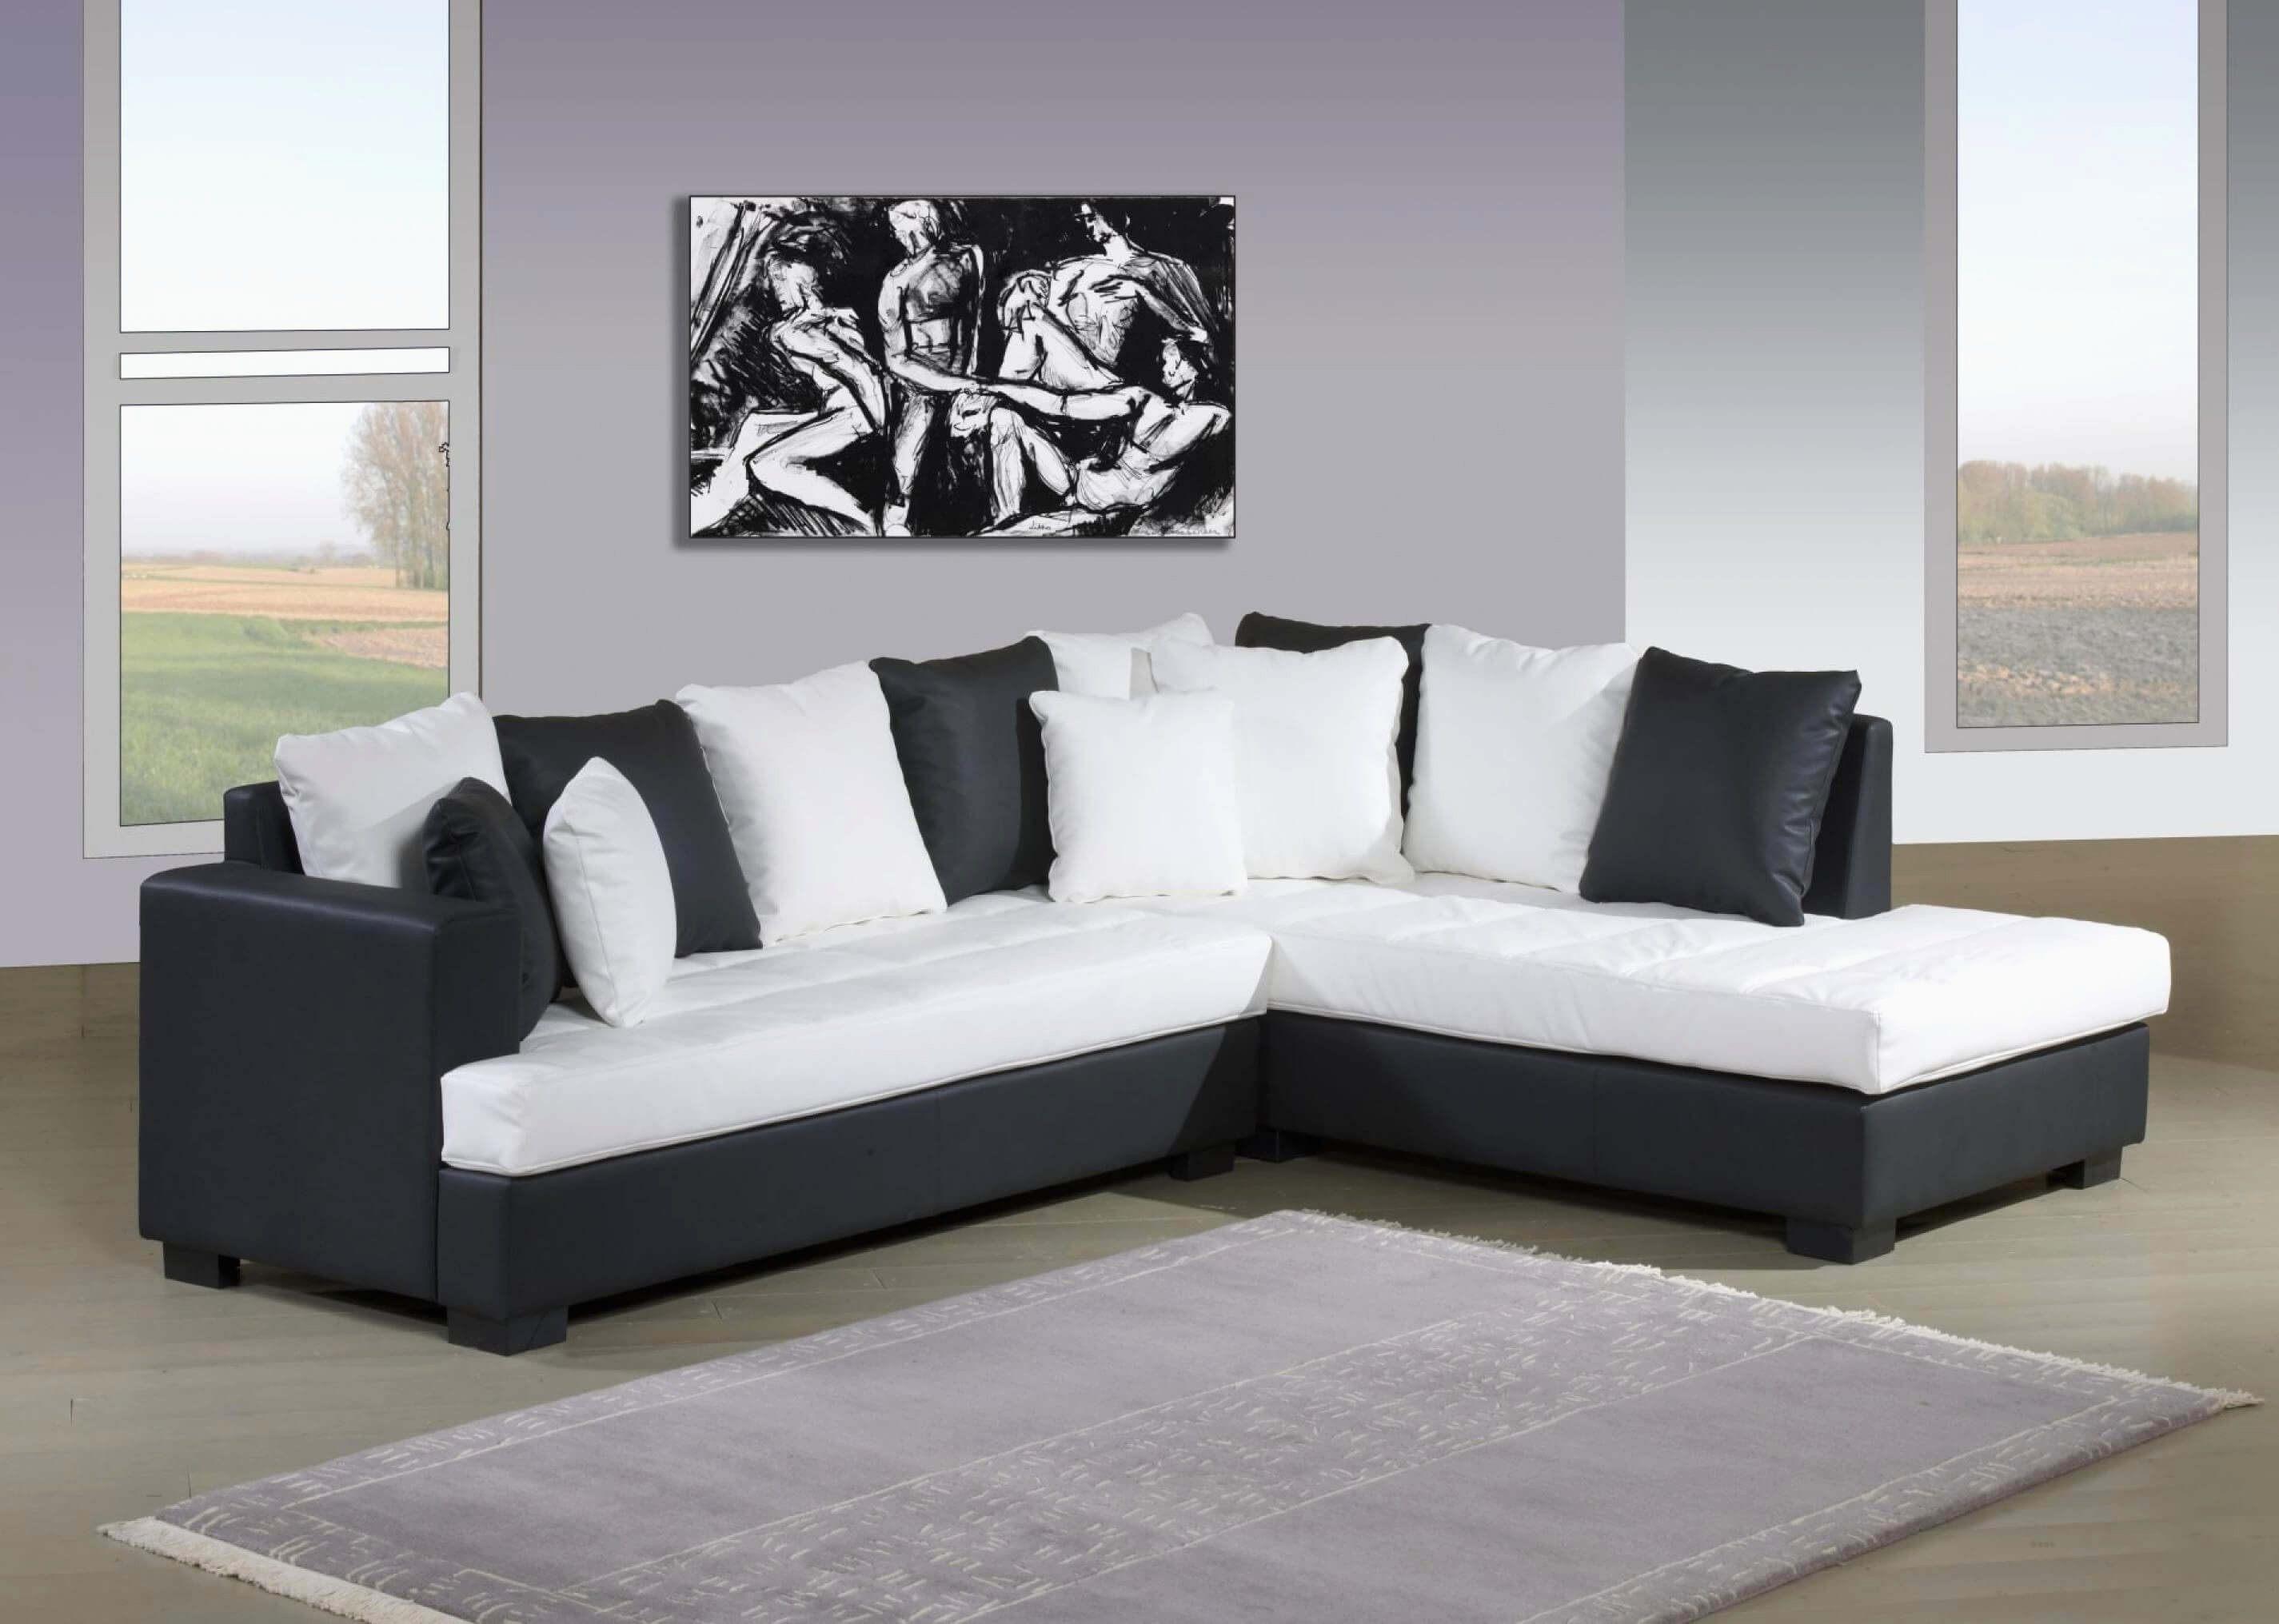 29 Impressionnant Canapé Lit Gigogne Ikea Des Images